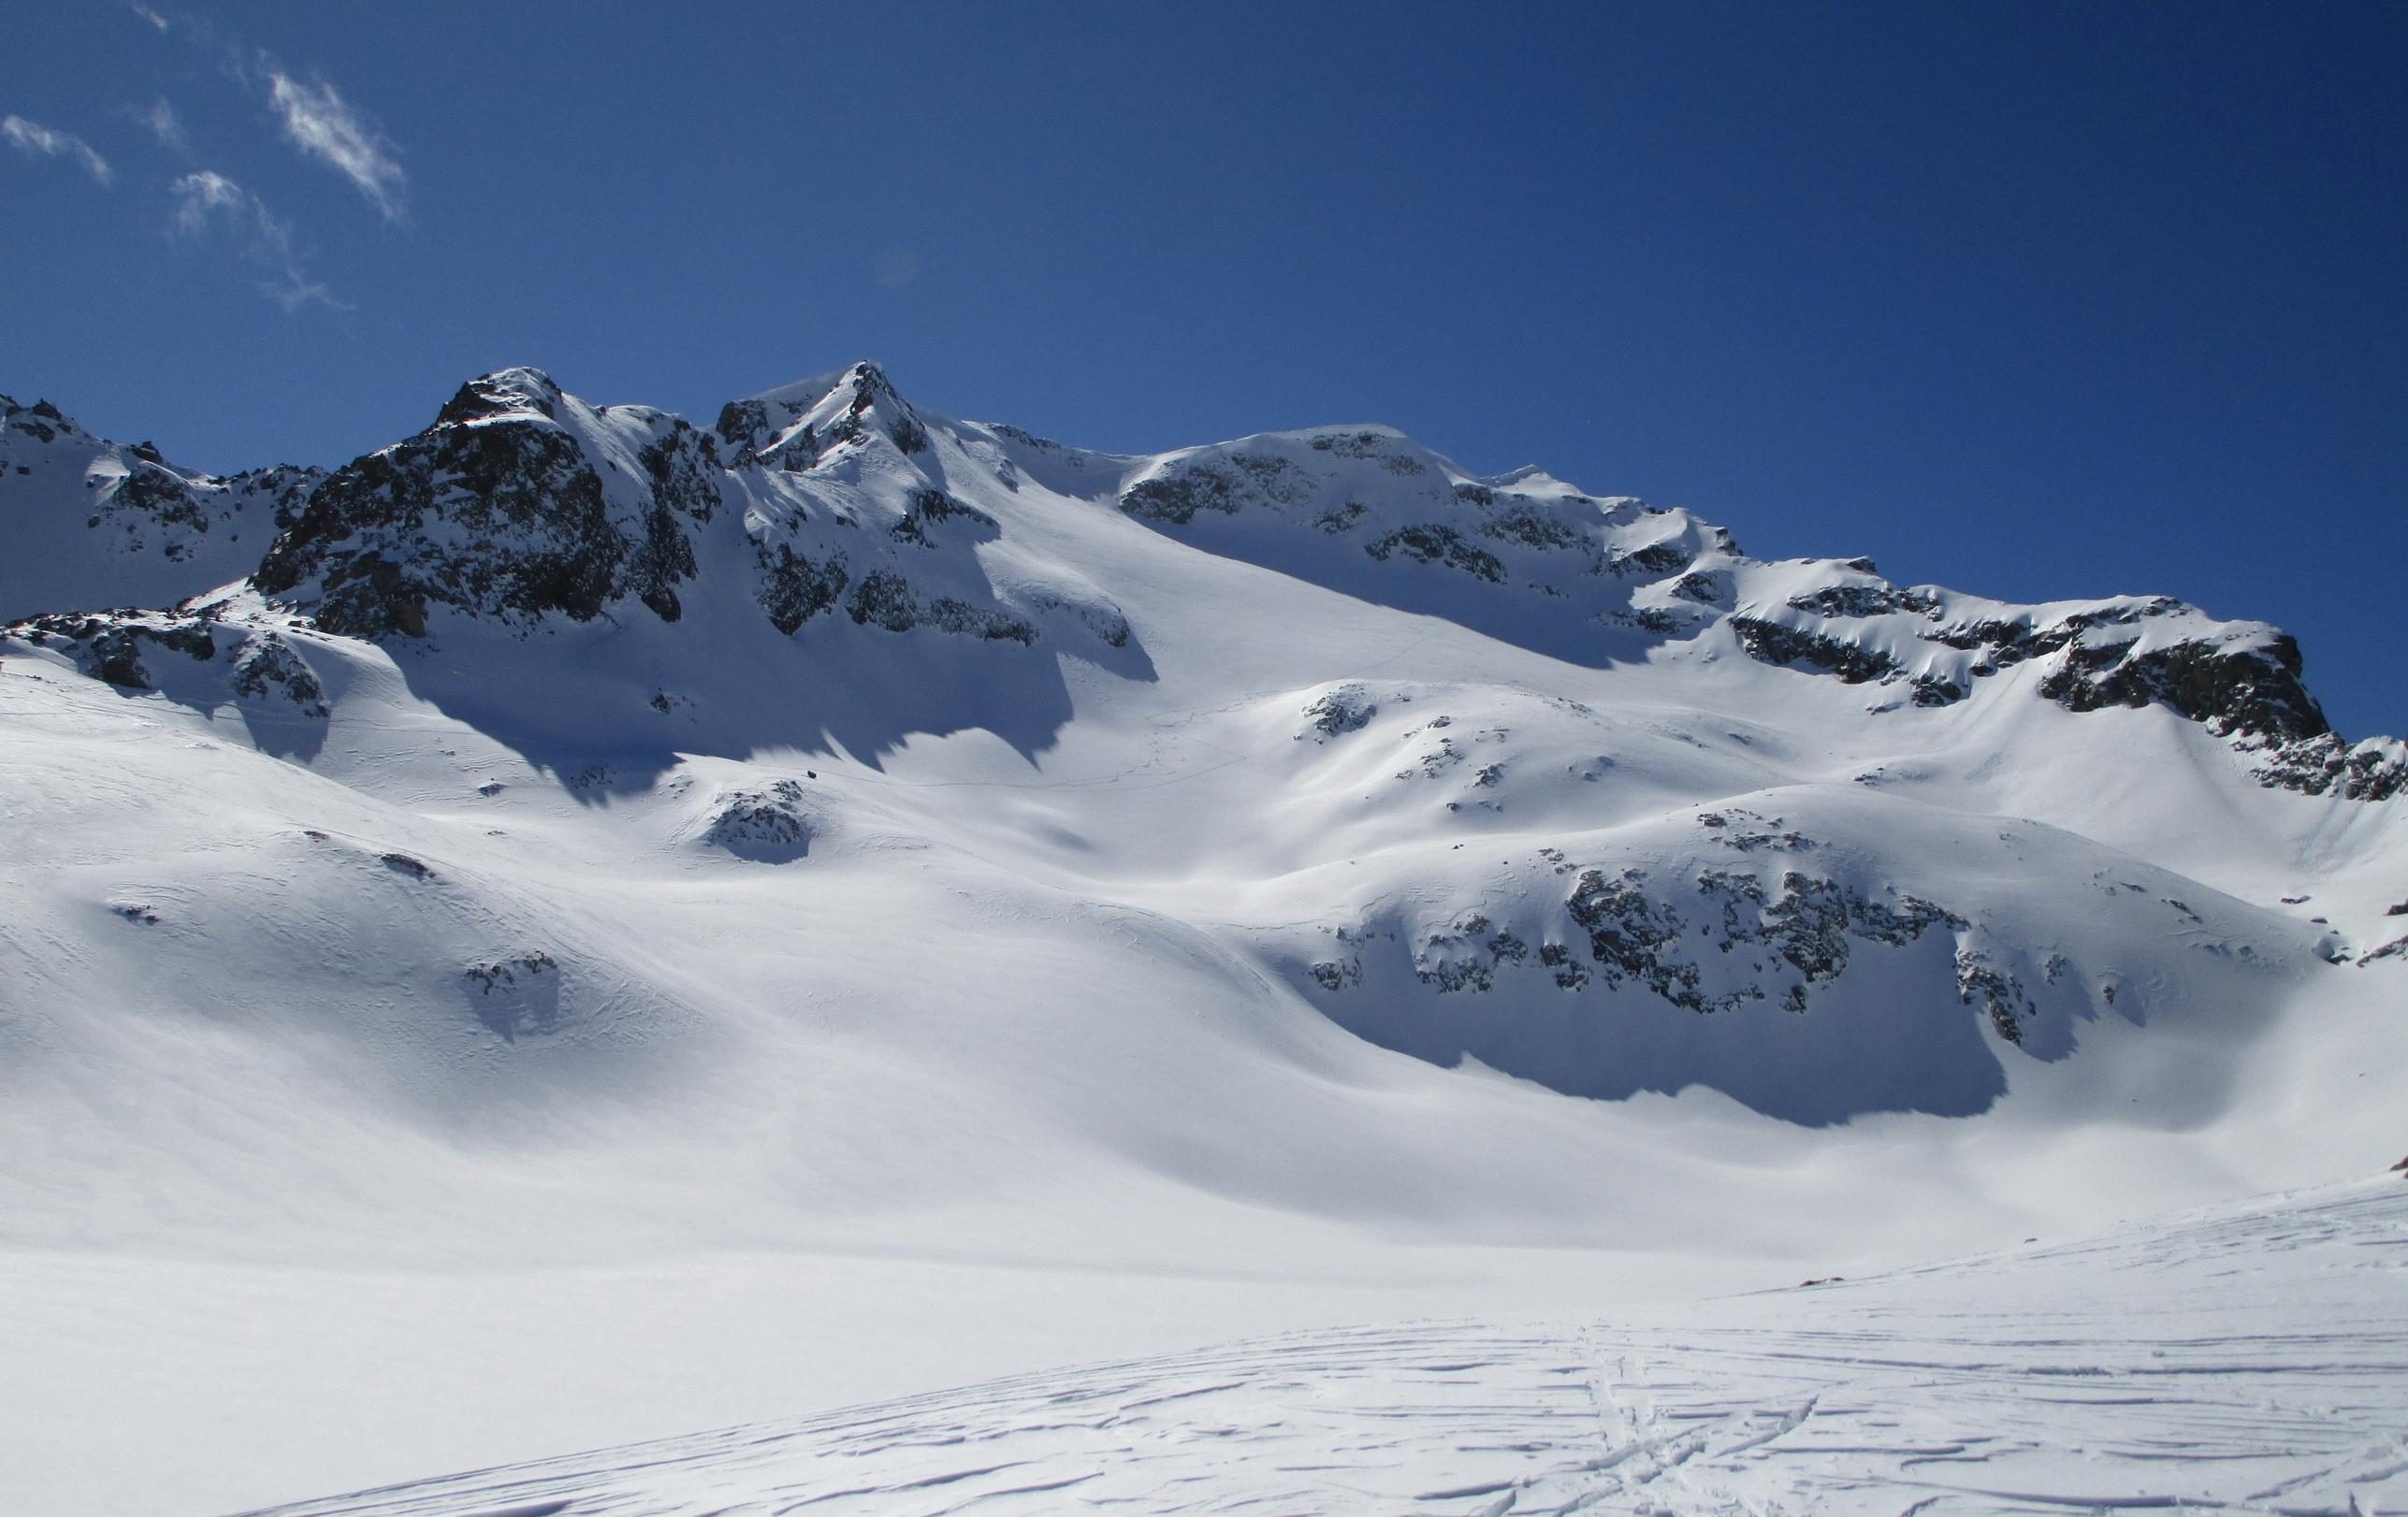 z_morény_sa_otvorí_takýto_úžasný_výhľad_na_náš_cieľ,_zamrznuté_jazero_dole_splýva_so_snehovými_pláňami